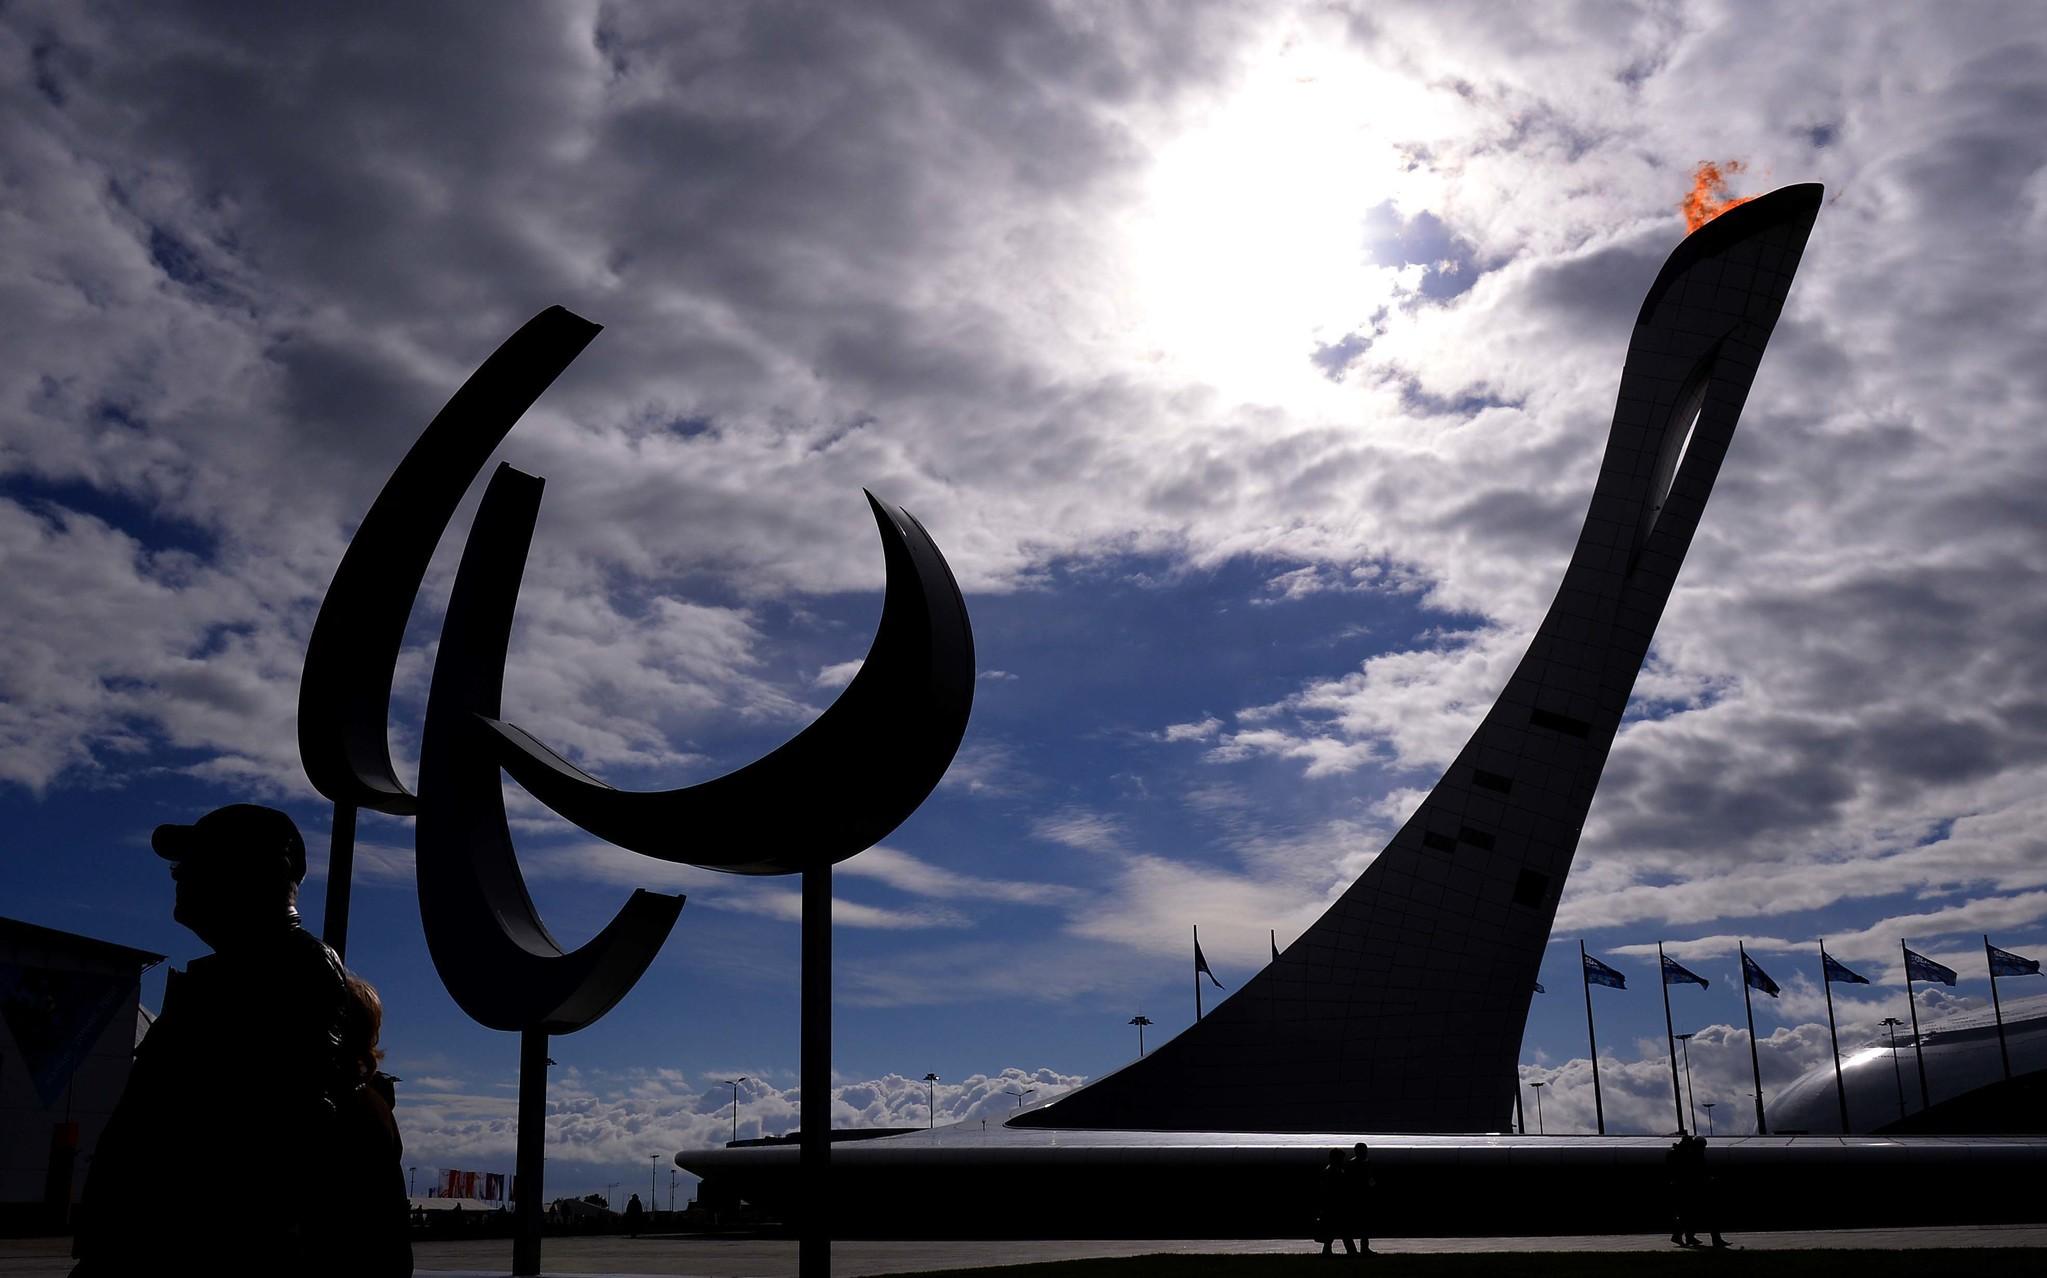 따뜻한 동계올림픽 기록을 세운 2014년 러시아 소치. 올림픽파크 한가운데 우뚝 선 성화. [사진=공동취재단, 스포츠경향 이석우기자]